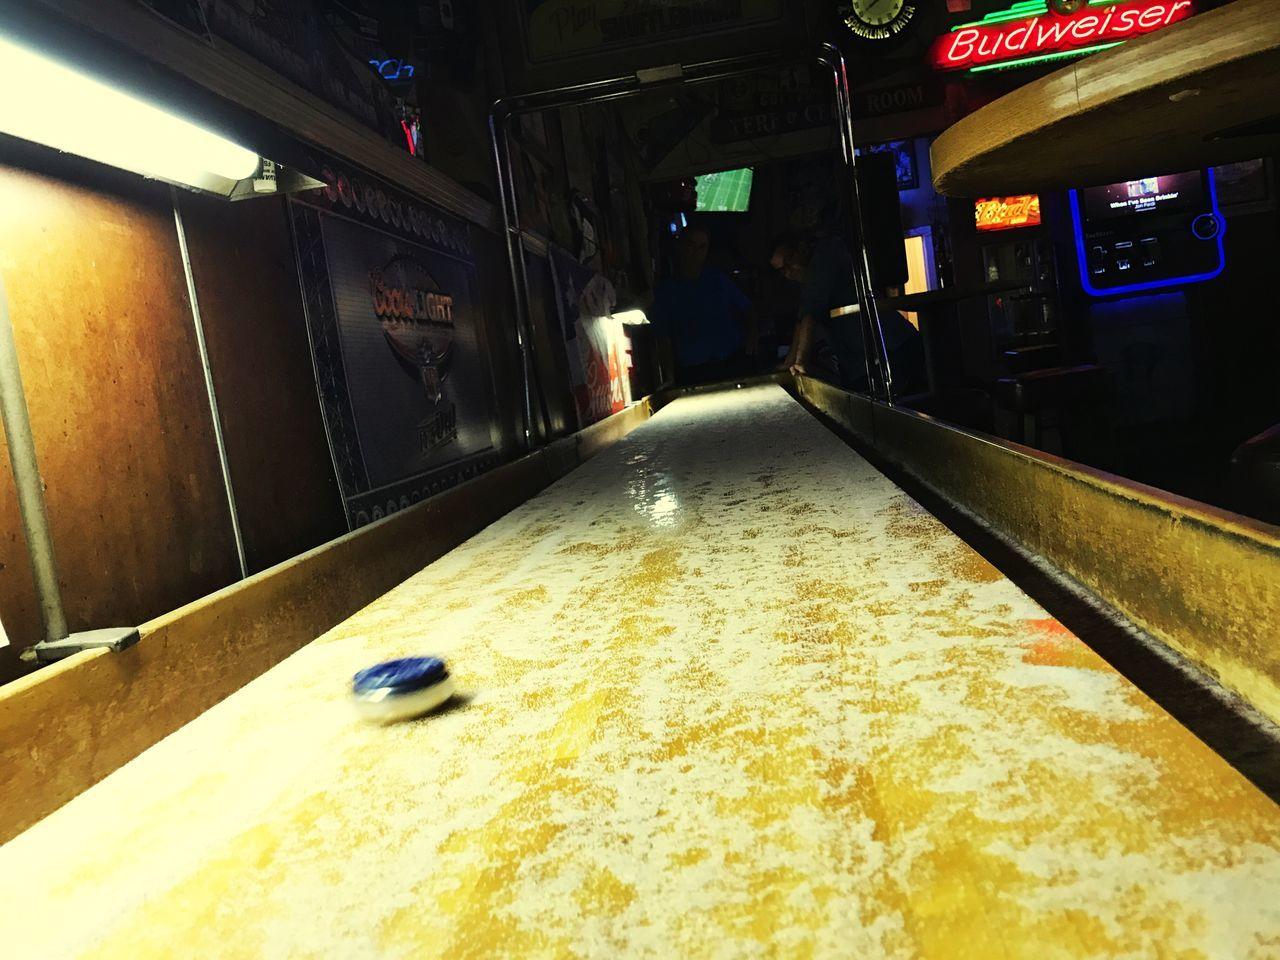 Shuffleboard Shuffle Board Bar Games Bar Cocktail Beer Games